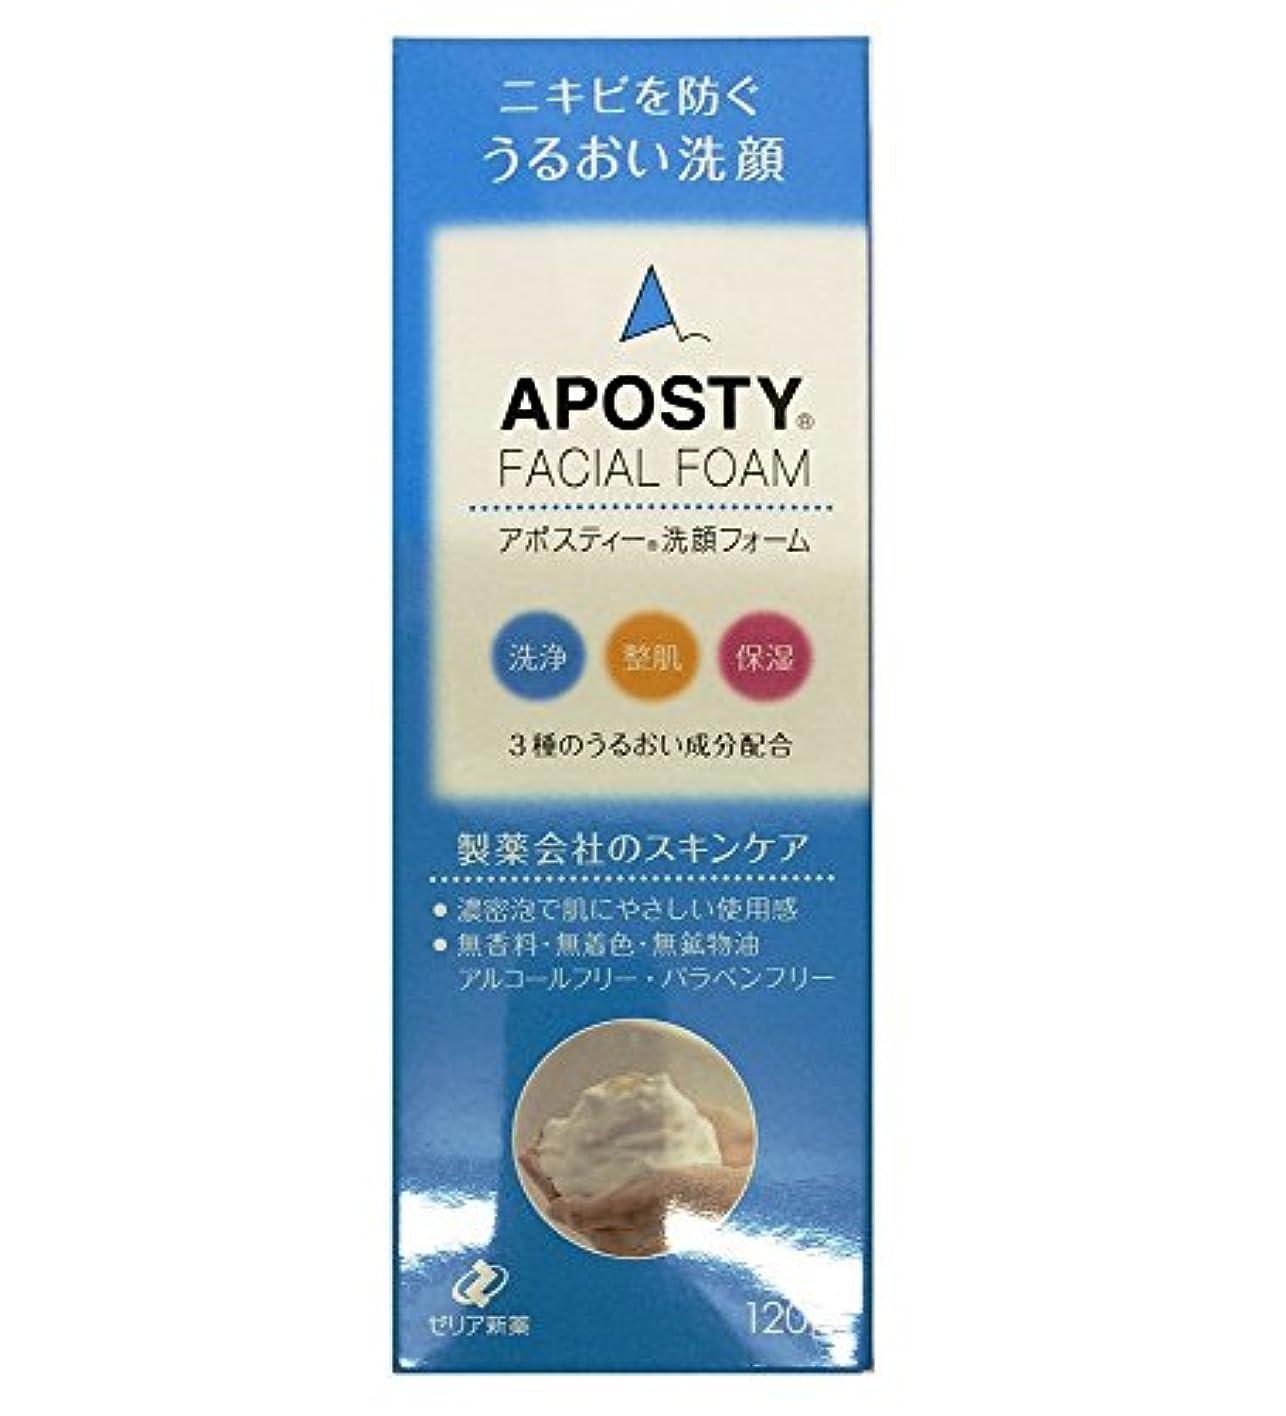 喜びまともな悪名高いゼリア新薬工業 アポスティー 洗顔フォーム 120g